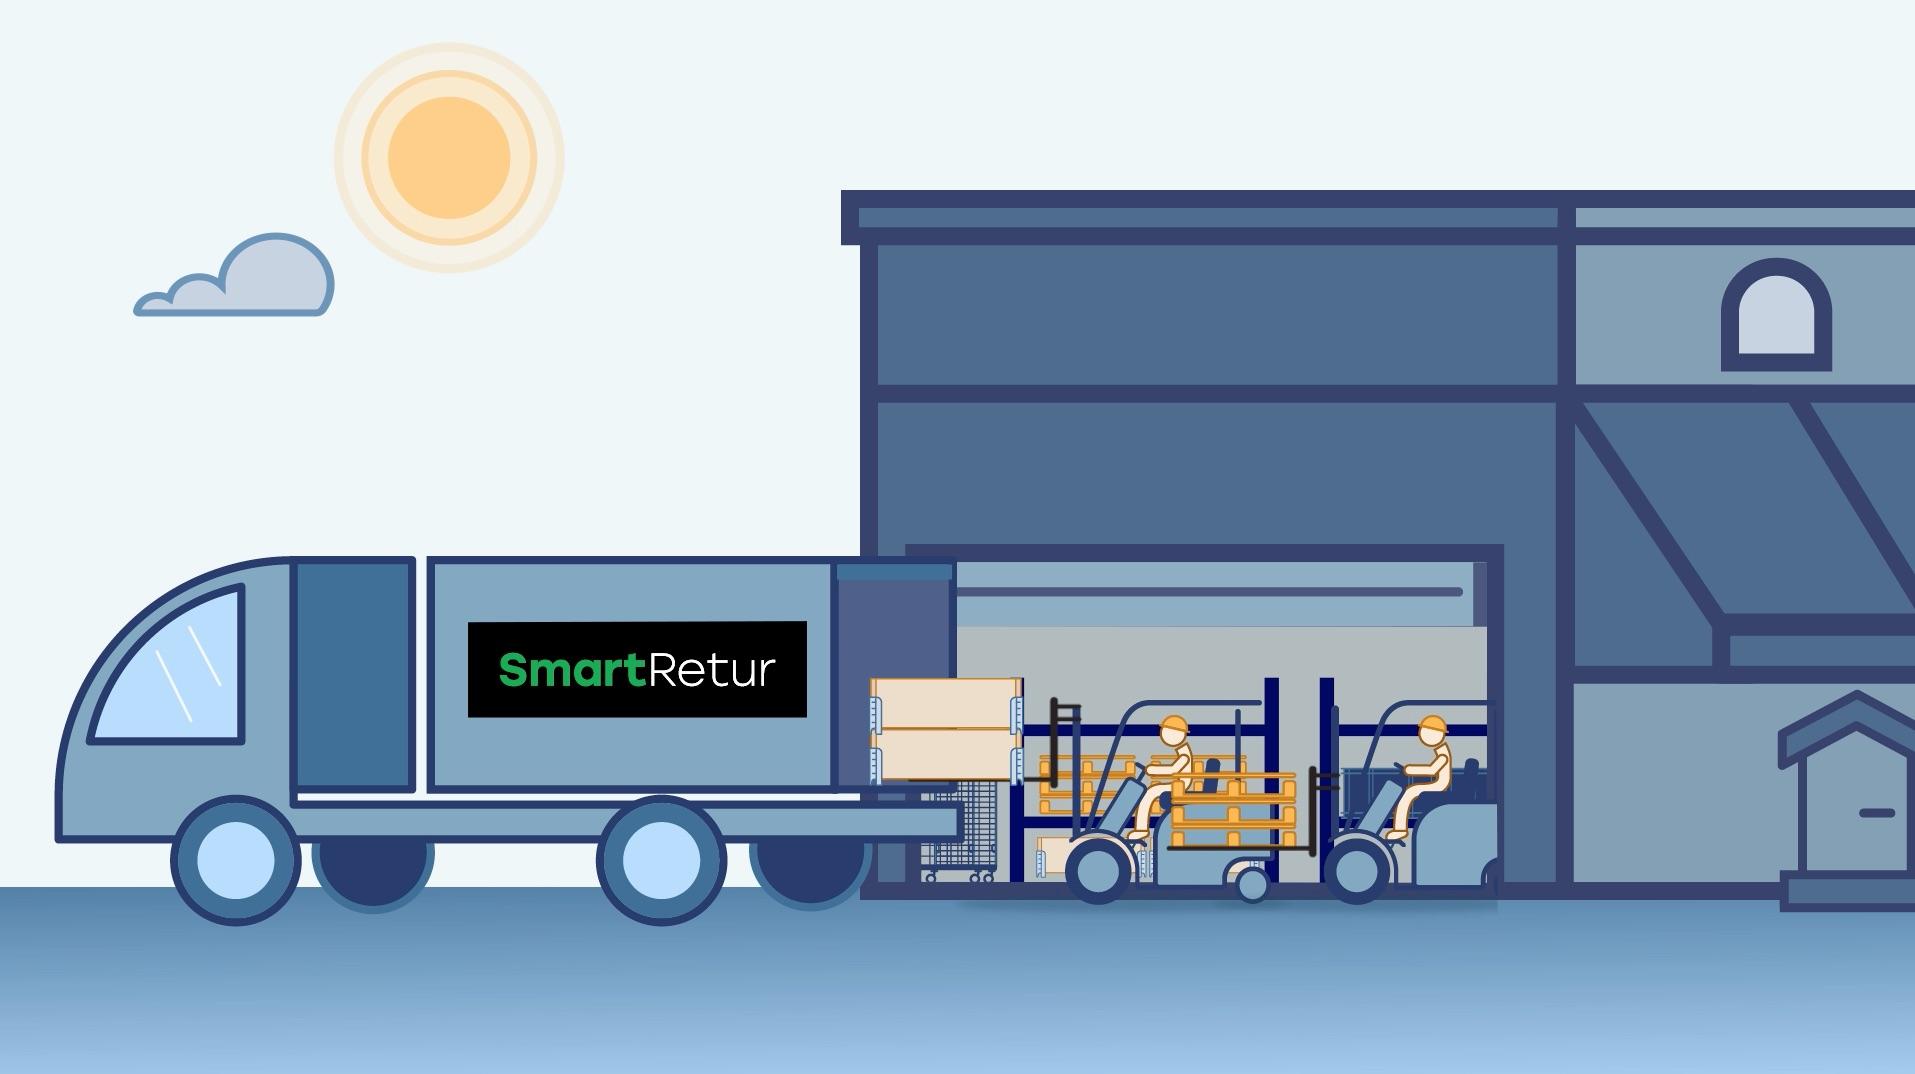 Smart Retur thumgnail